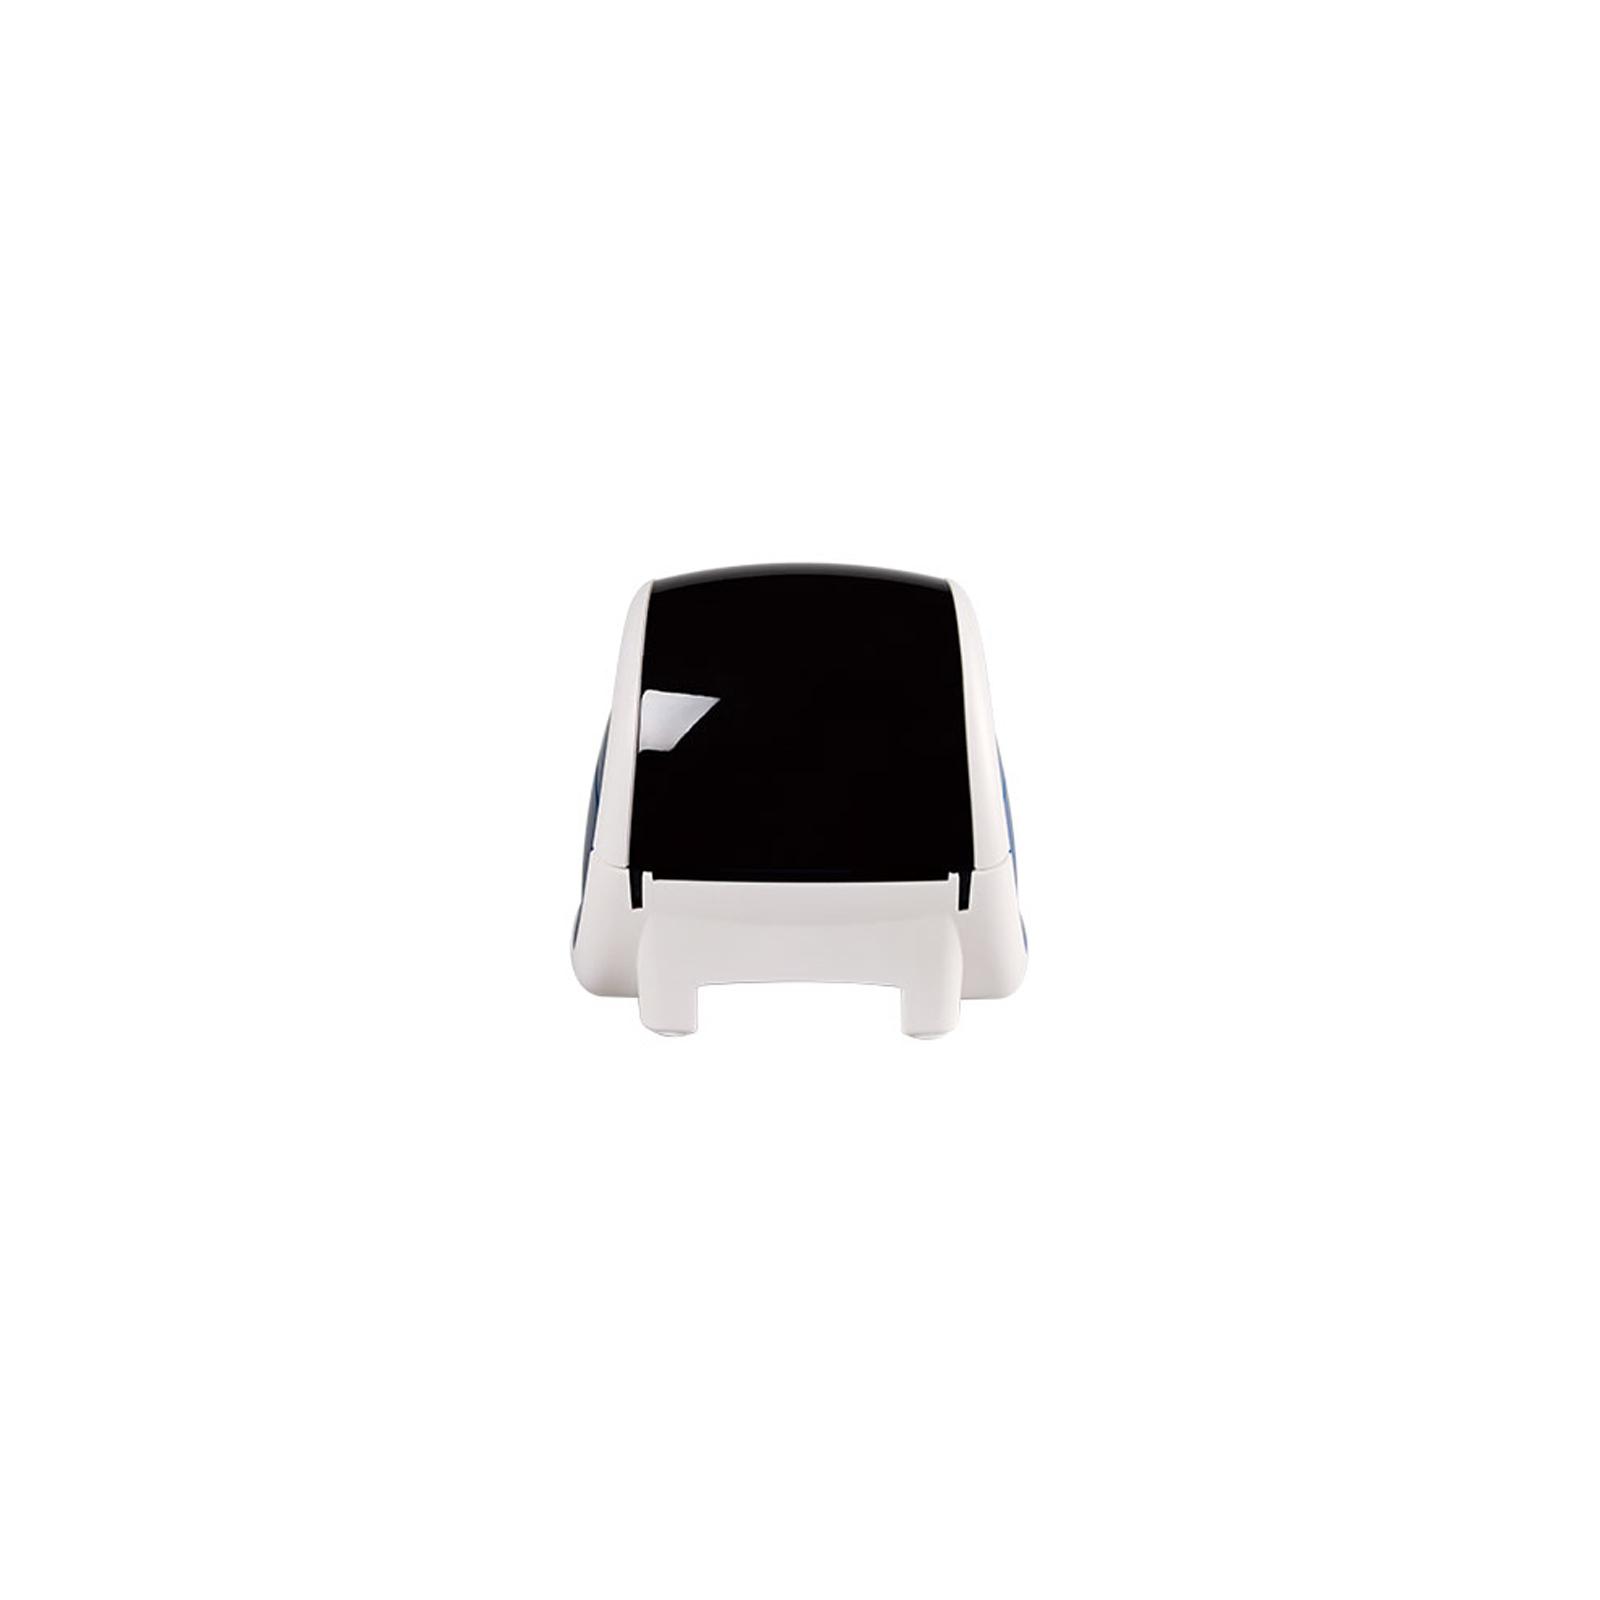 Принтер этикеток HPRT LPQ80 Blue_White (9548) изображение 4